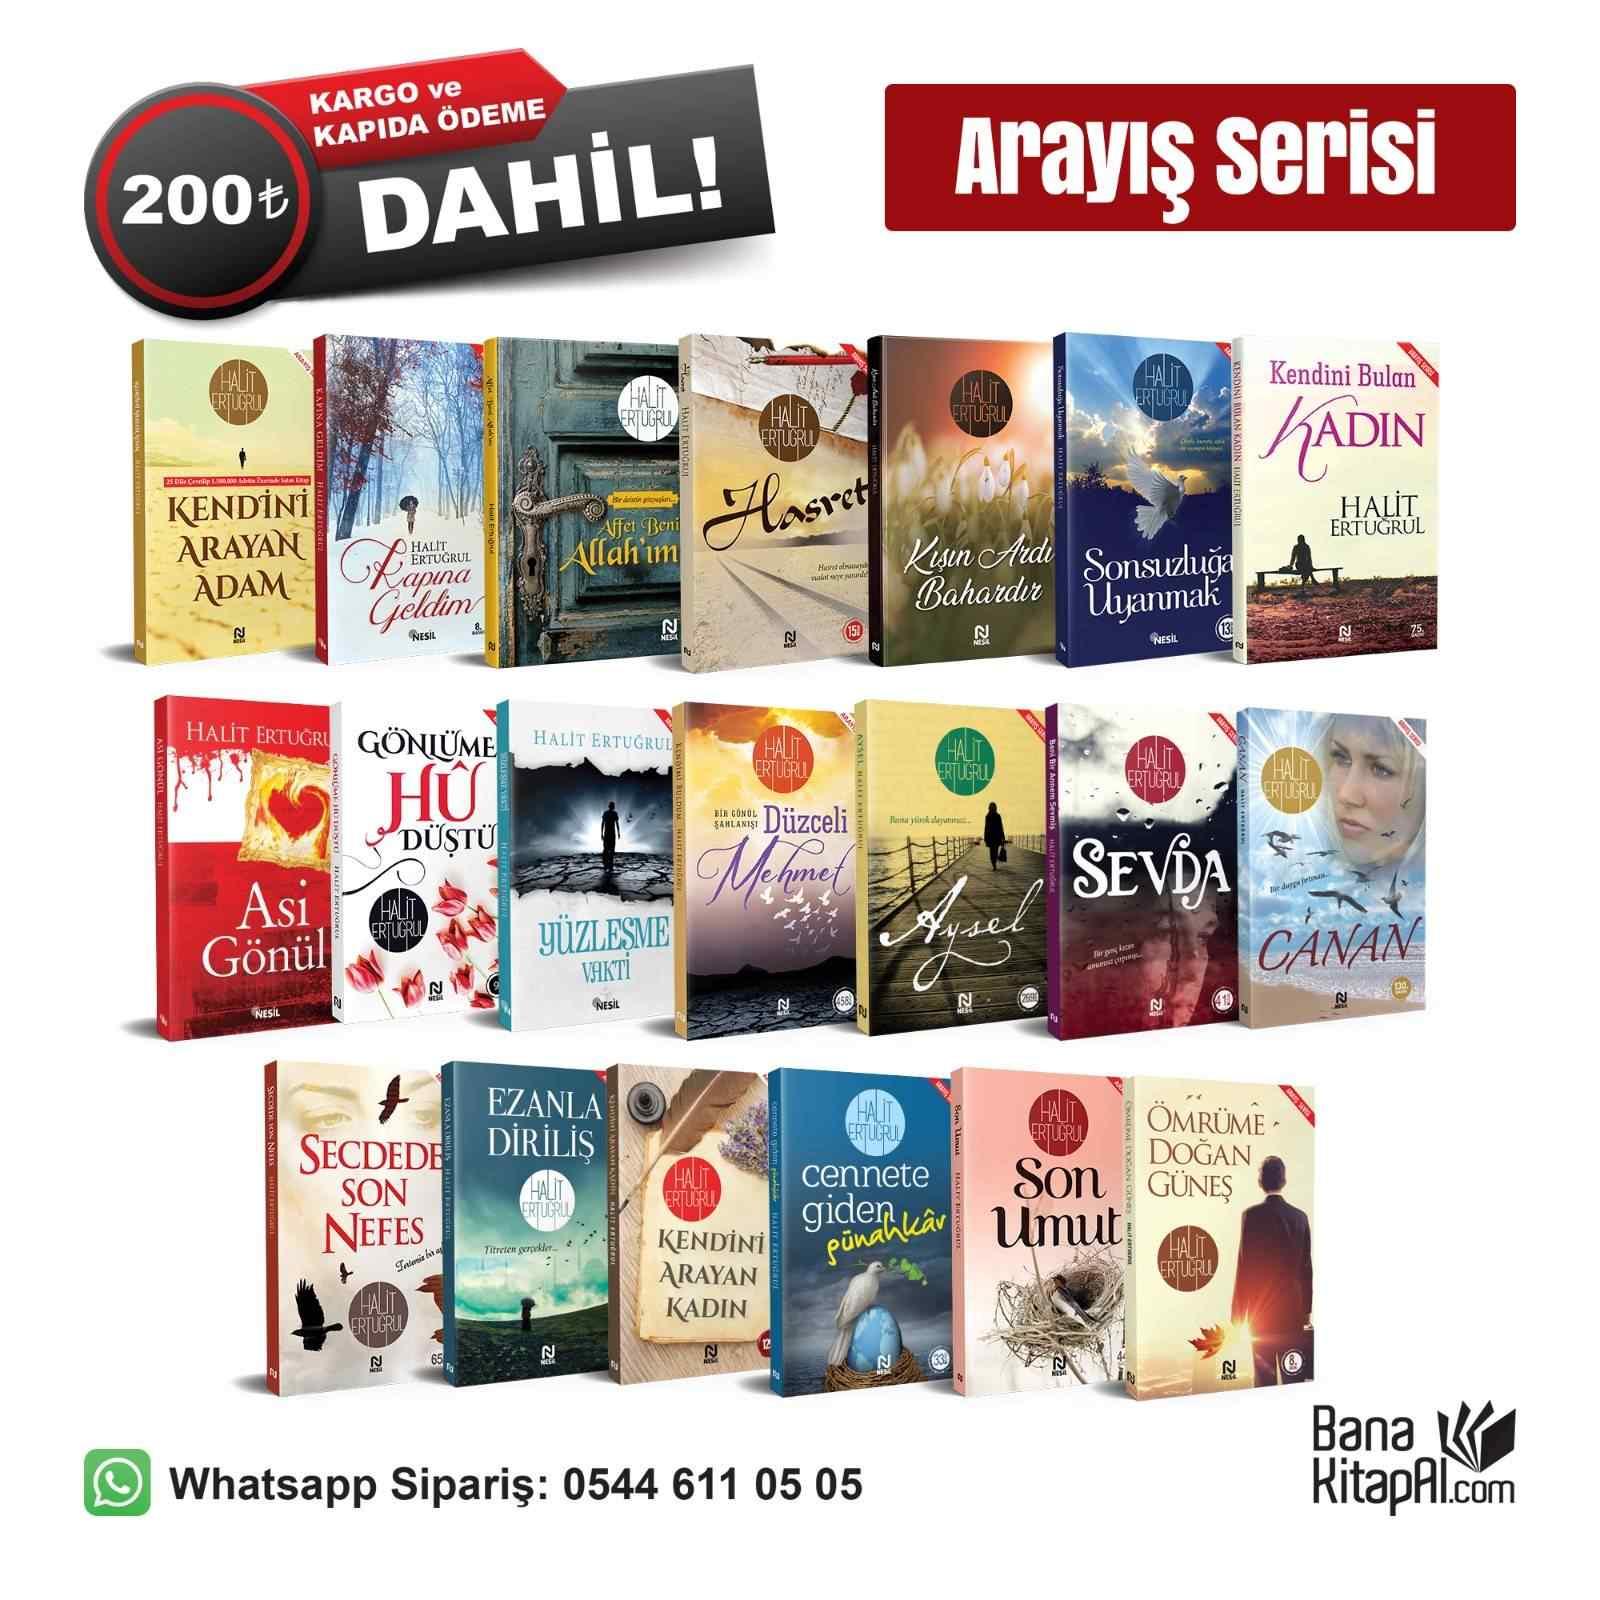 Halit Ertuğrul / Arayış Serisi